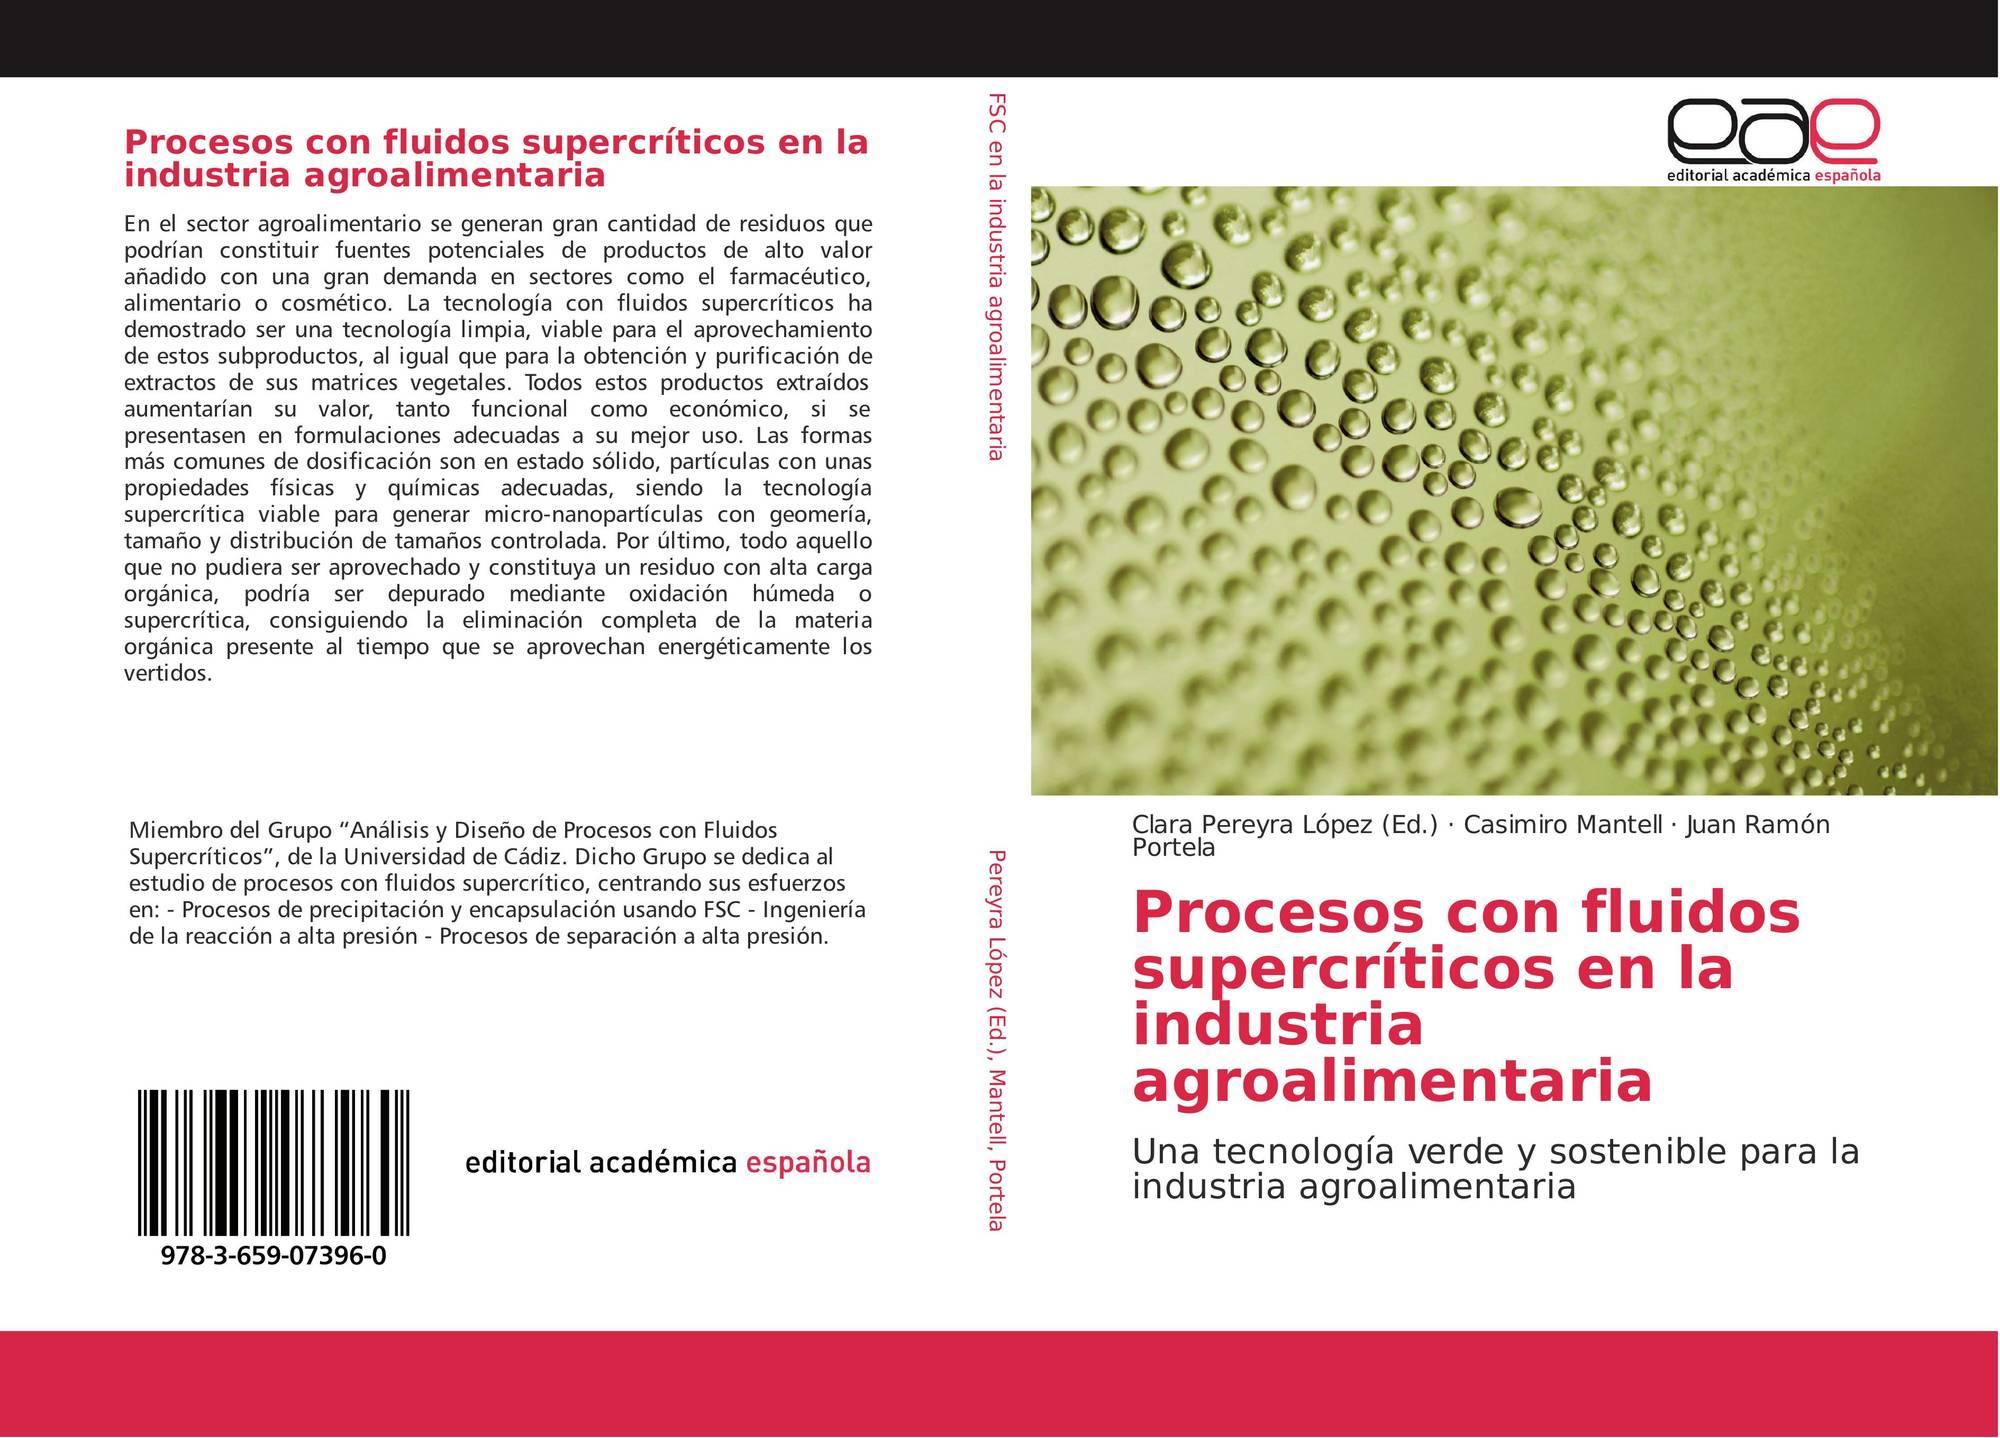 Procesos con fluidos supercríticos en la industria agroalimentaria ...